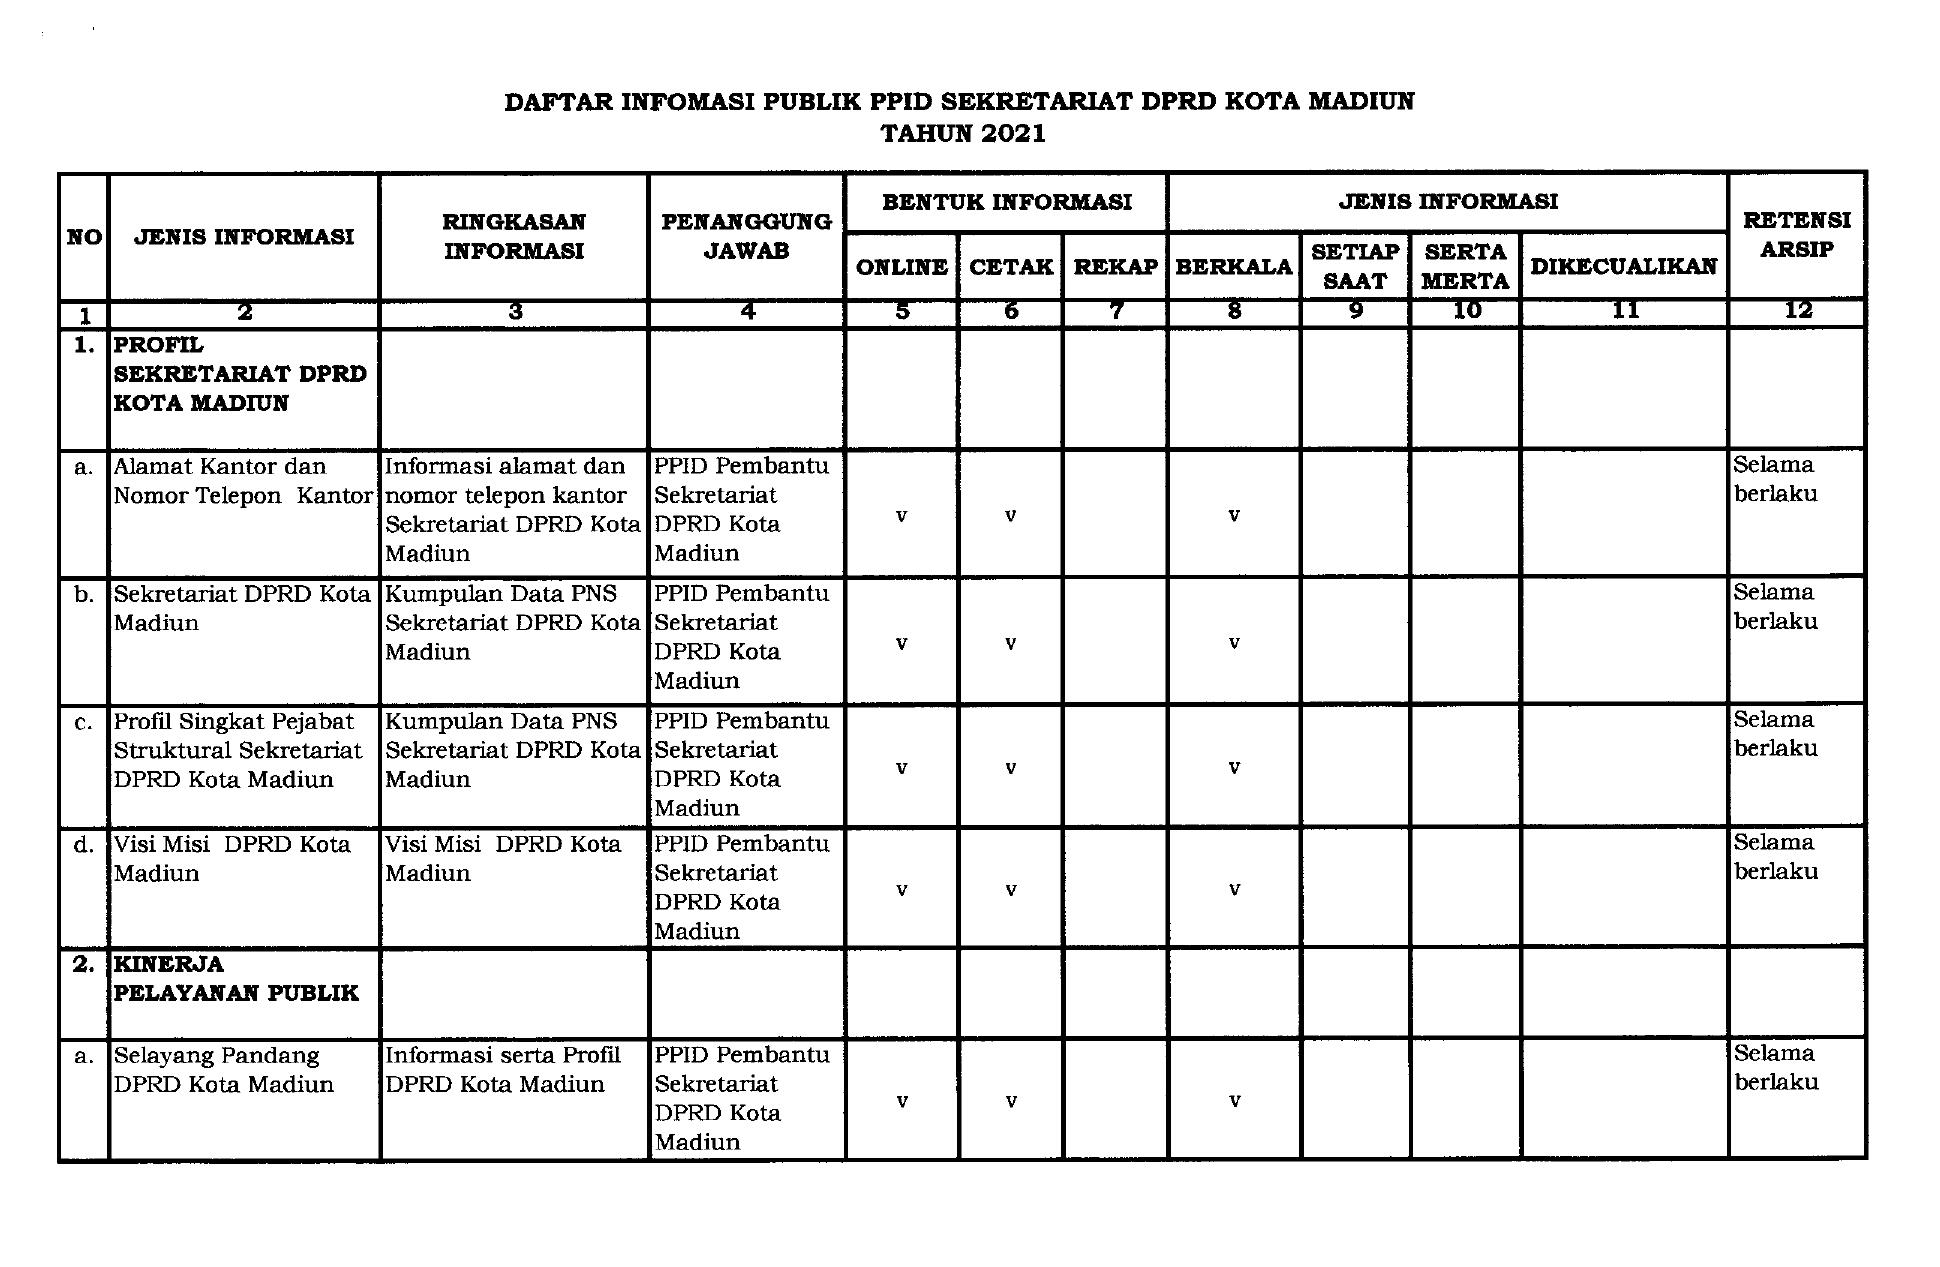 DAFTAR INFORMASI PUBLIK PPID SEKRETARIAT DPRD KOTA MADIUN TAHUN 2021